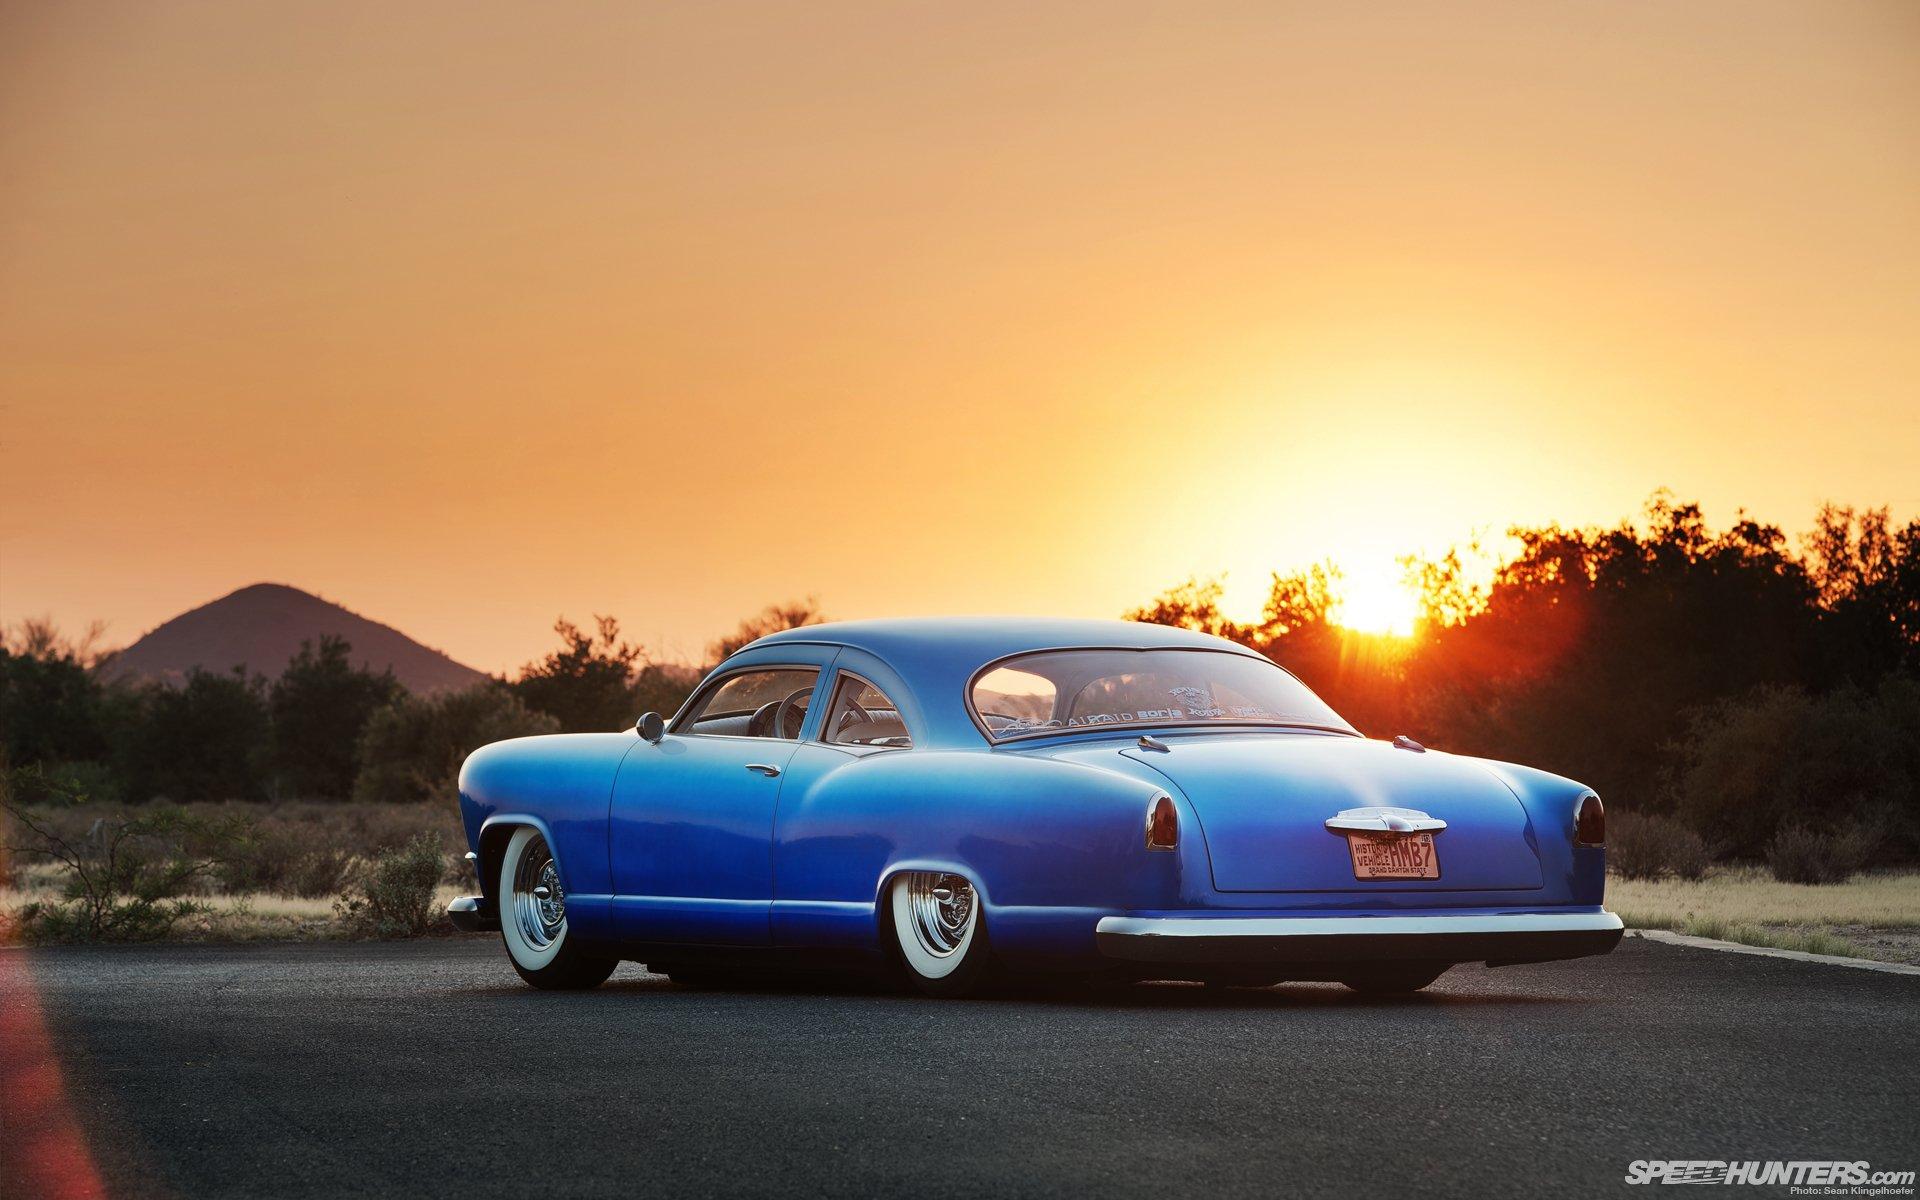 3840x1080 Wallpaper Classic Car Http Www Speedhunters Com 2012 10 Dragn Kaiser Feature